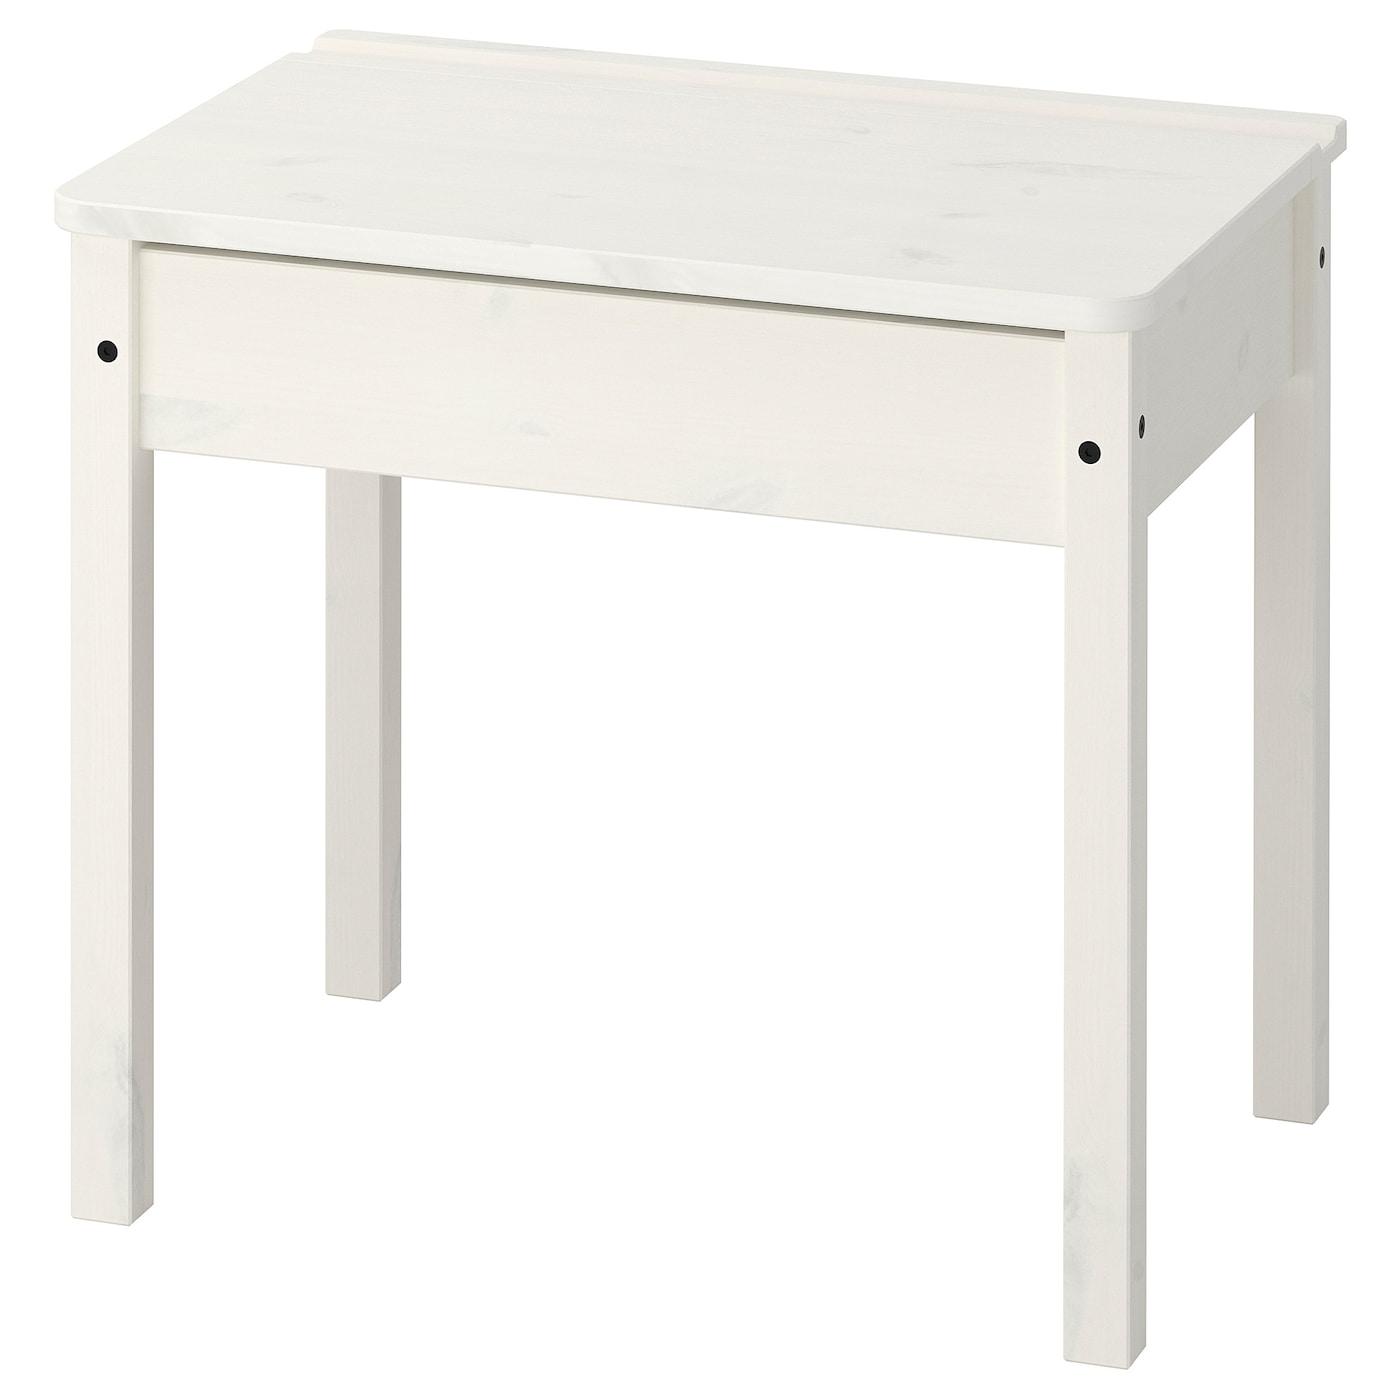 IKEA SUNDVIK białe biurko dla dziecka, 58x45 cm